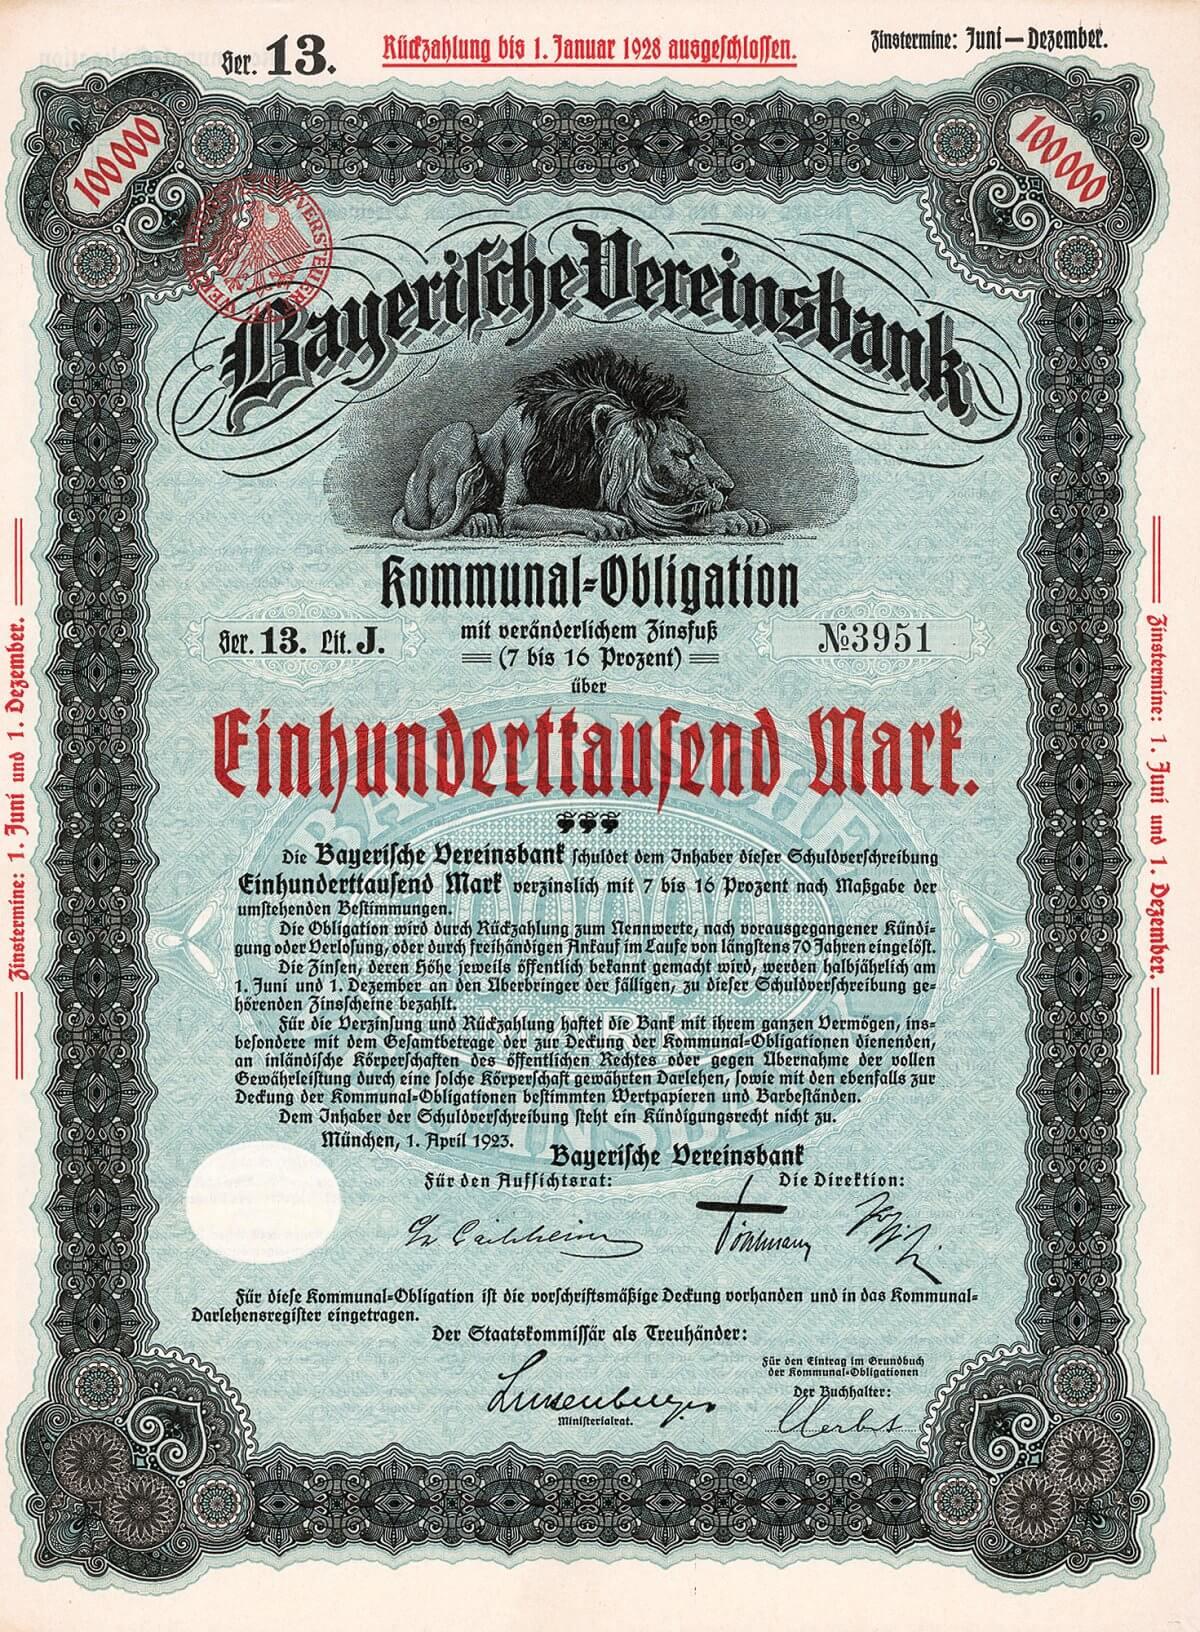 Bayerische Vereinsbank, München, 7-16 % Kommunal-Obligation über 100.000 Mark von 1923. Gründung 1869 als Kredit- und Hypotheken-Bank (sog. gemischte Bank). 1920 Interessengemeinschaft mit der Bayerischen Handelsbank und der Vereinsbank in Nürnberg, die dabei das reguläre Bankgeschäft abgaben, aber das Realkreditgeschäft behielten (bis 2002, wo sie dann in der HVB Real Estate Bank aufgingen). 1971 Übernahme der Bayerische Staatsbank AG. 1999 mit dem Erz-Lokalrivalen Bayerische Hypotheken- und Wechselbank zur Bayerische Hypo- und Vereinsbank AG verschmolzen.